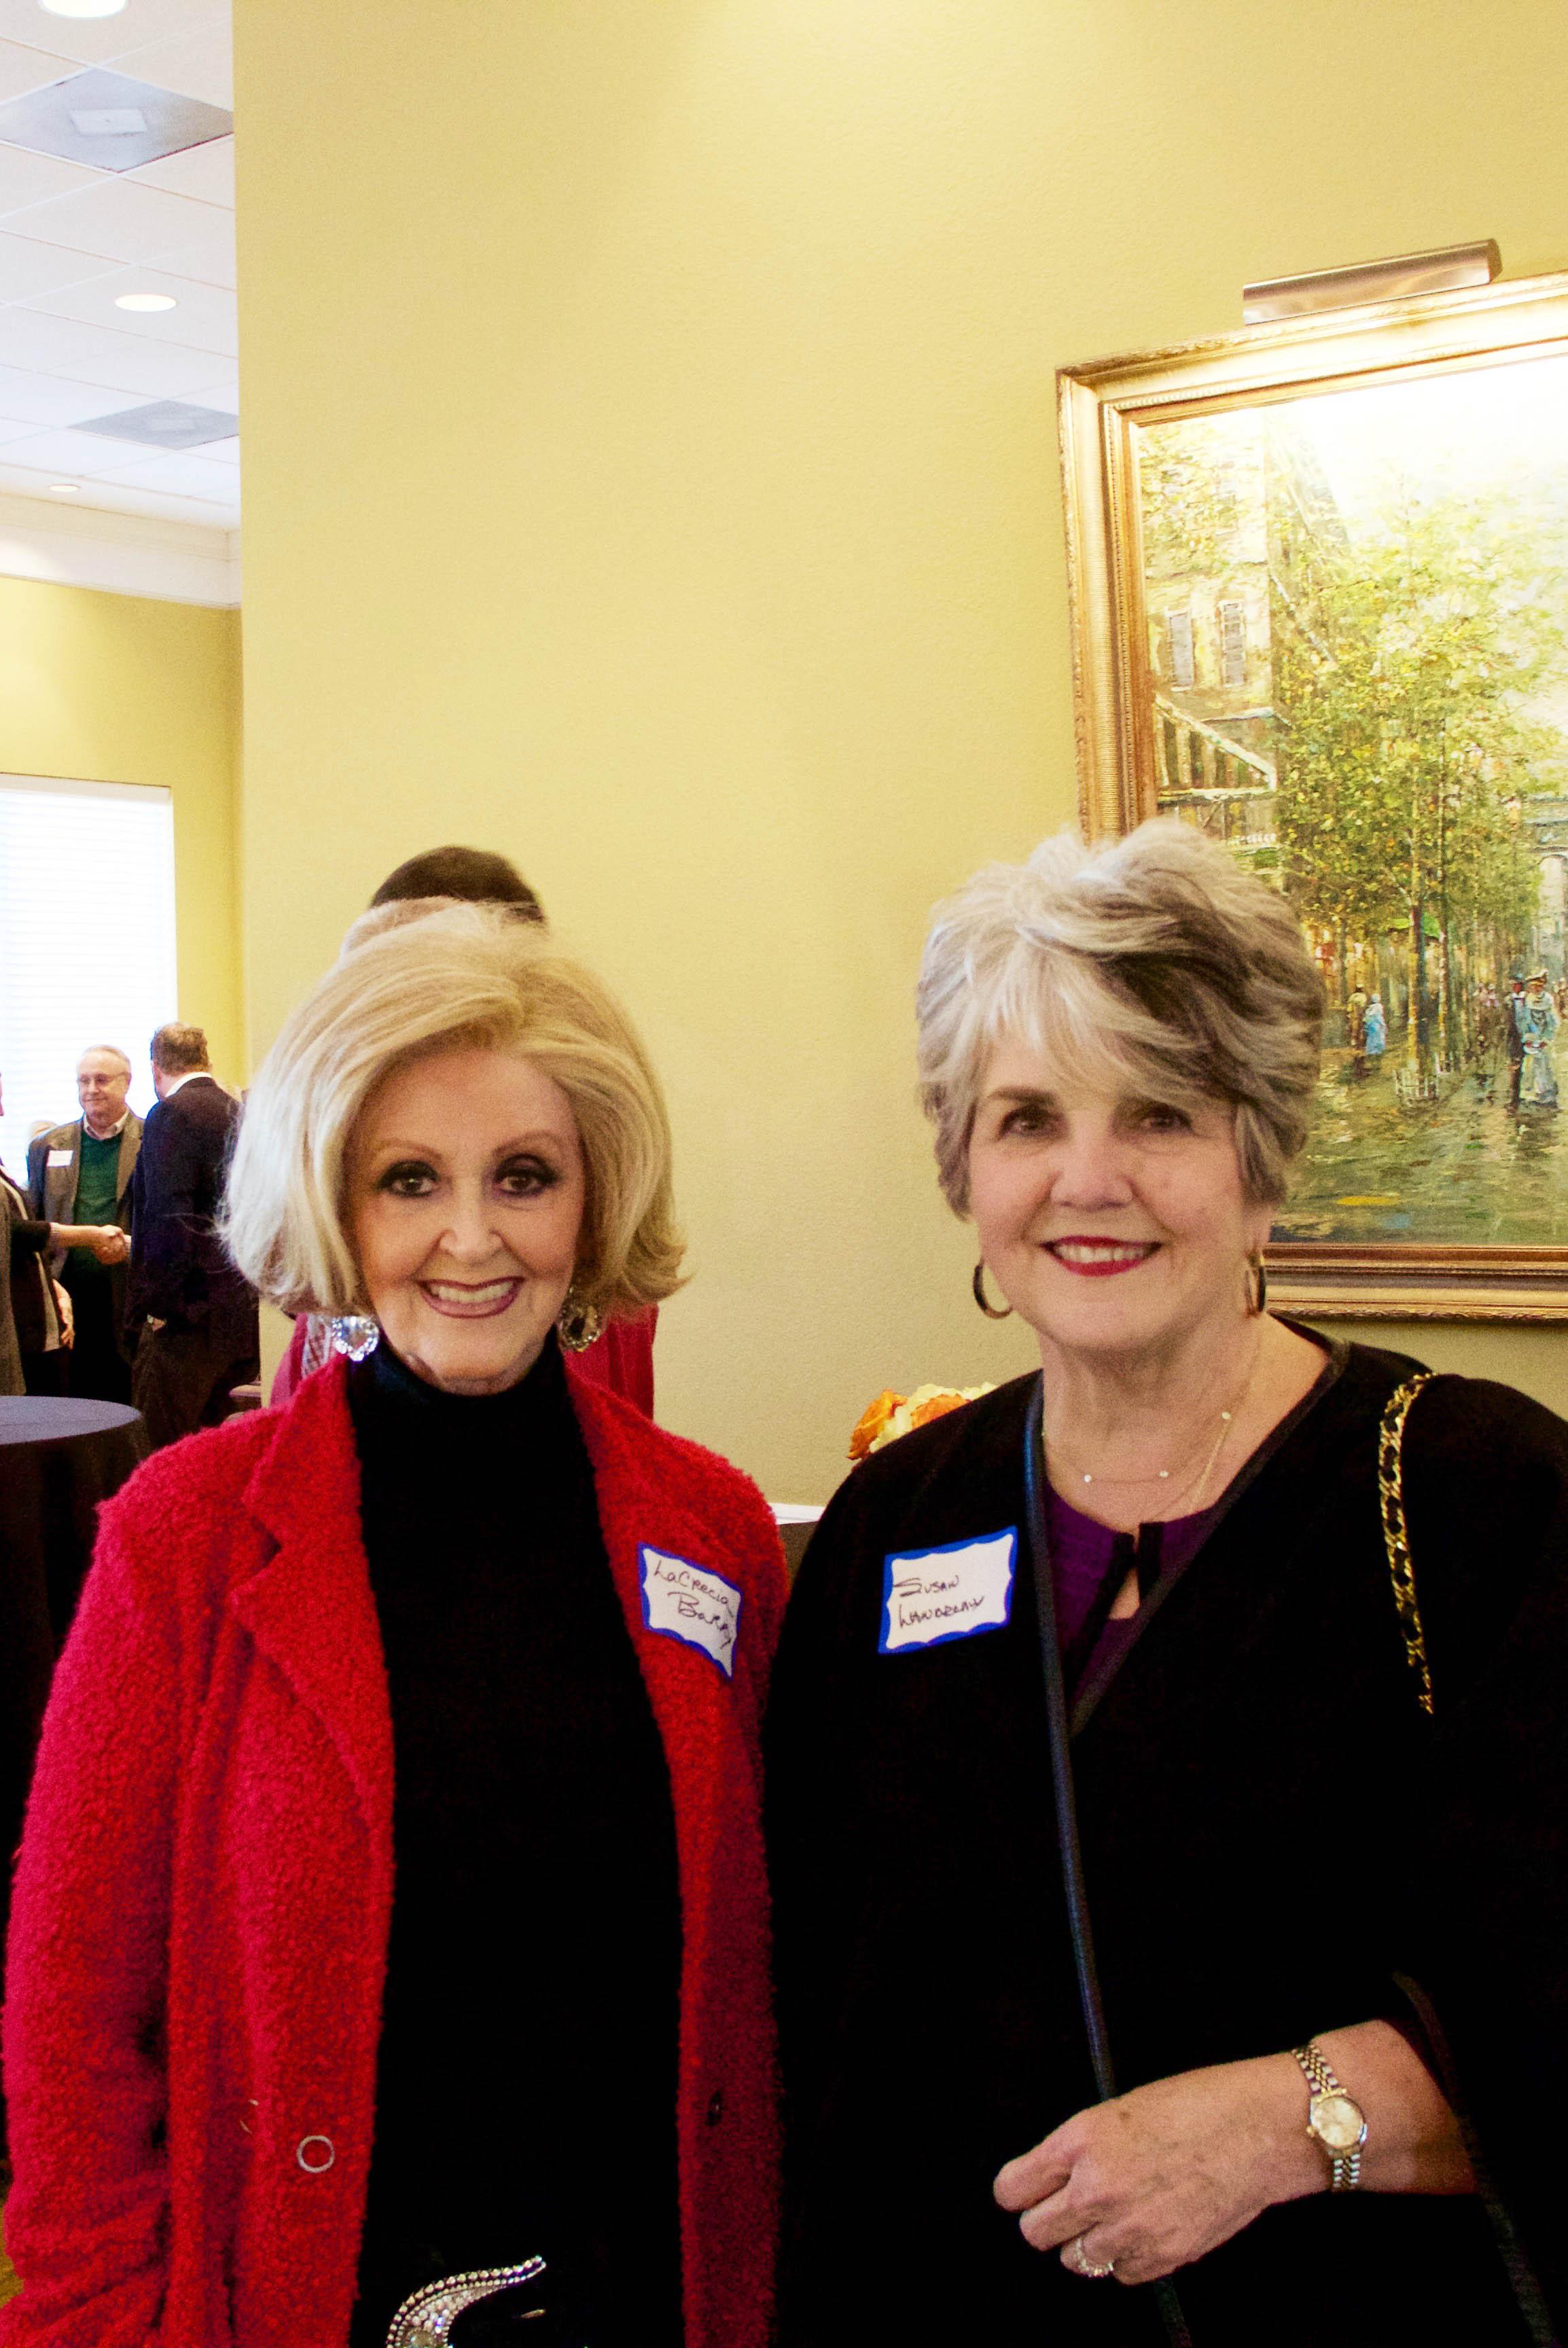 LaCrecia Barry and Susan Landreaux